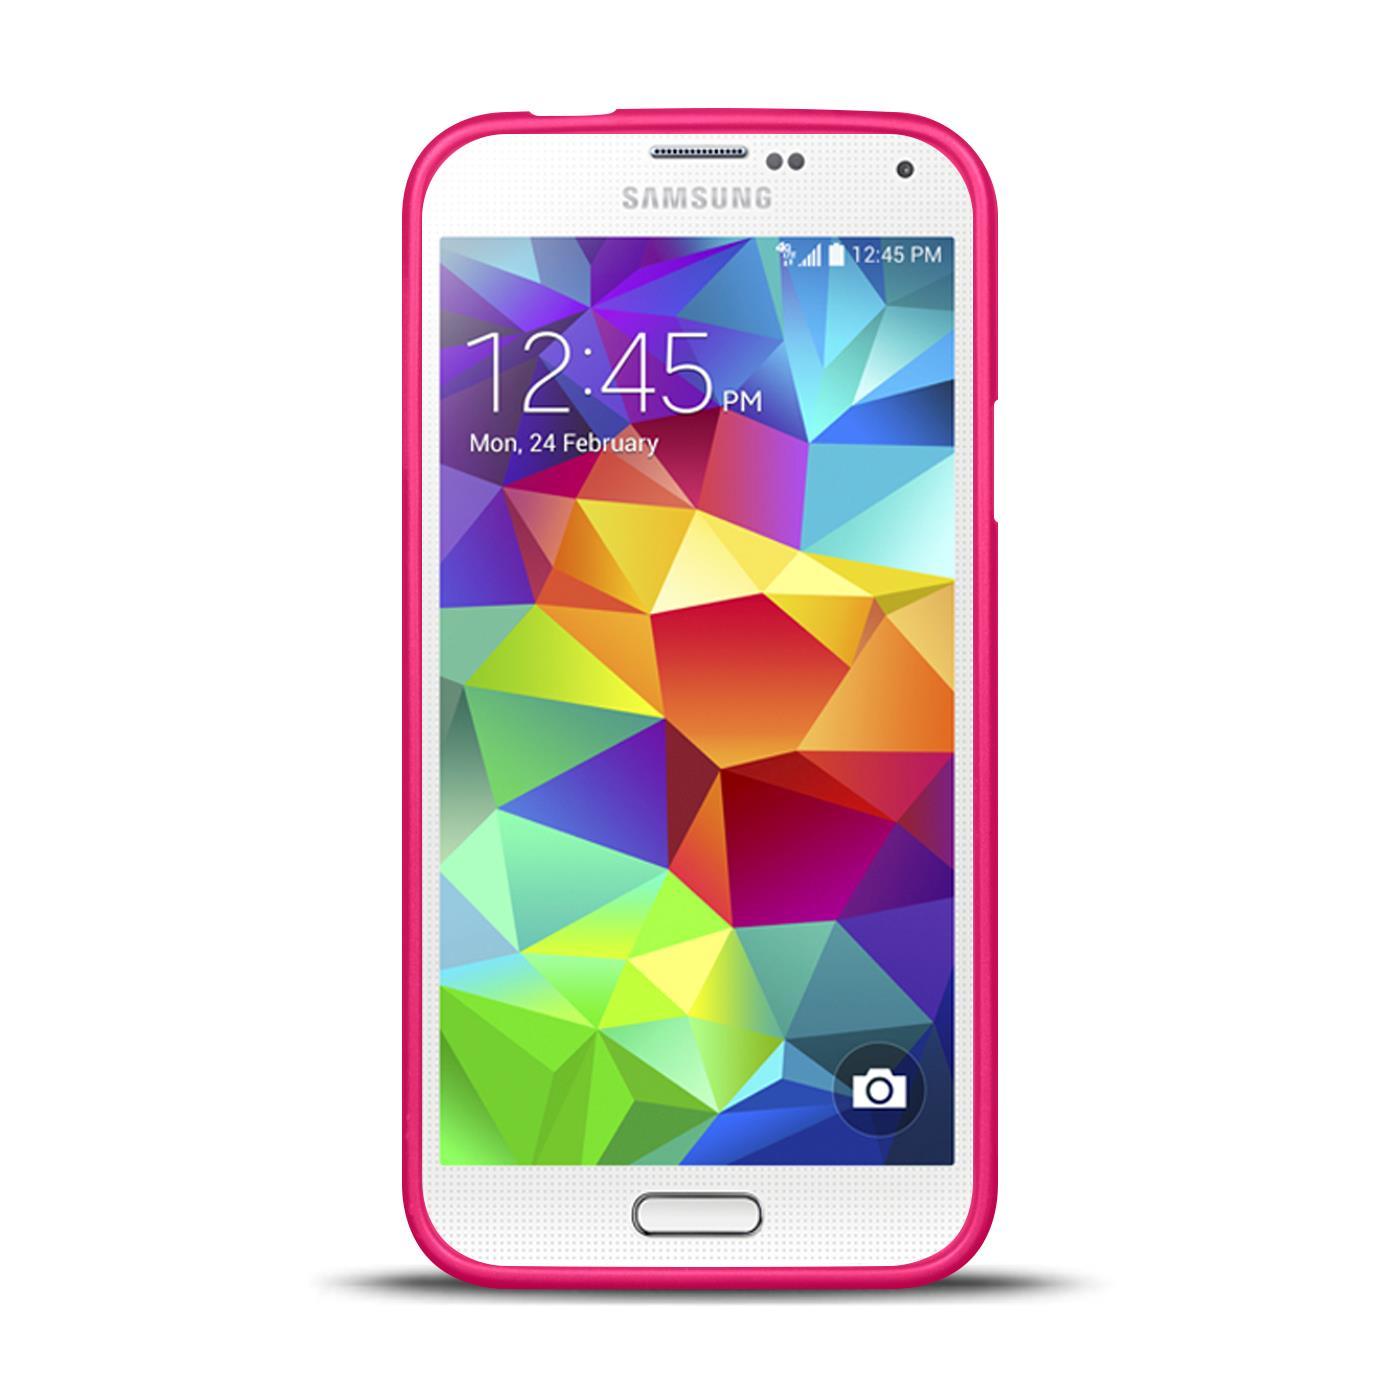 Silikon-Bumper-Case-Samsung-Galaxy-s5-Neo-duenne-ultra-slim-Stossfeste-Rueckschale Indexbild 31